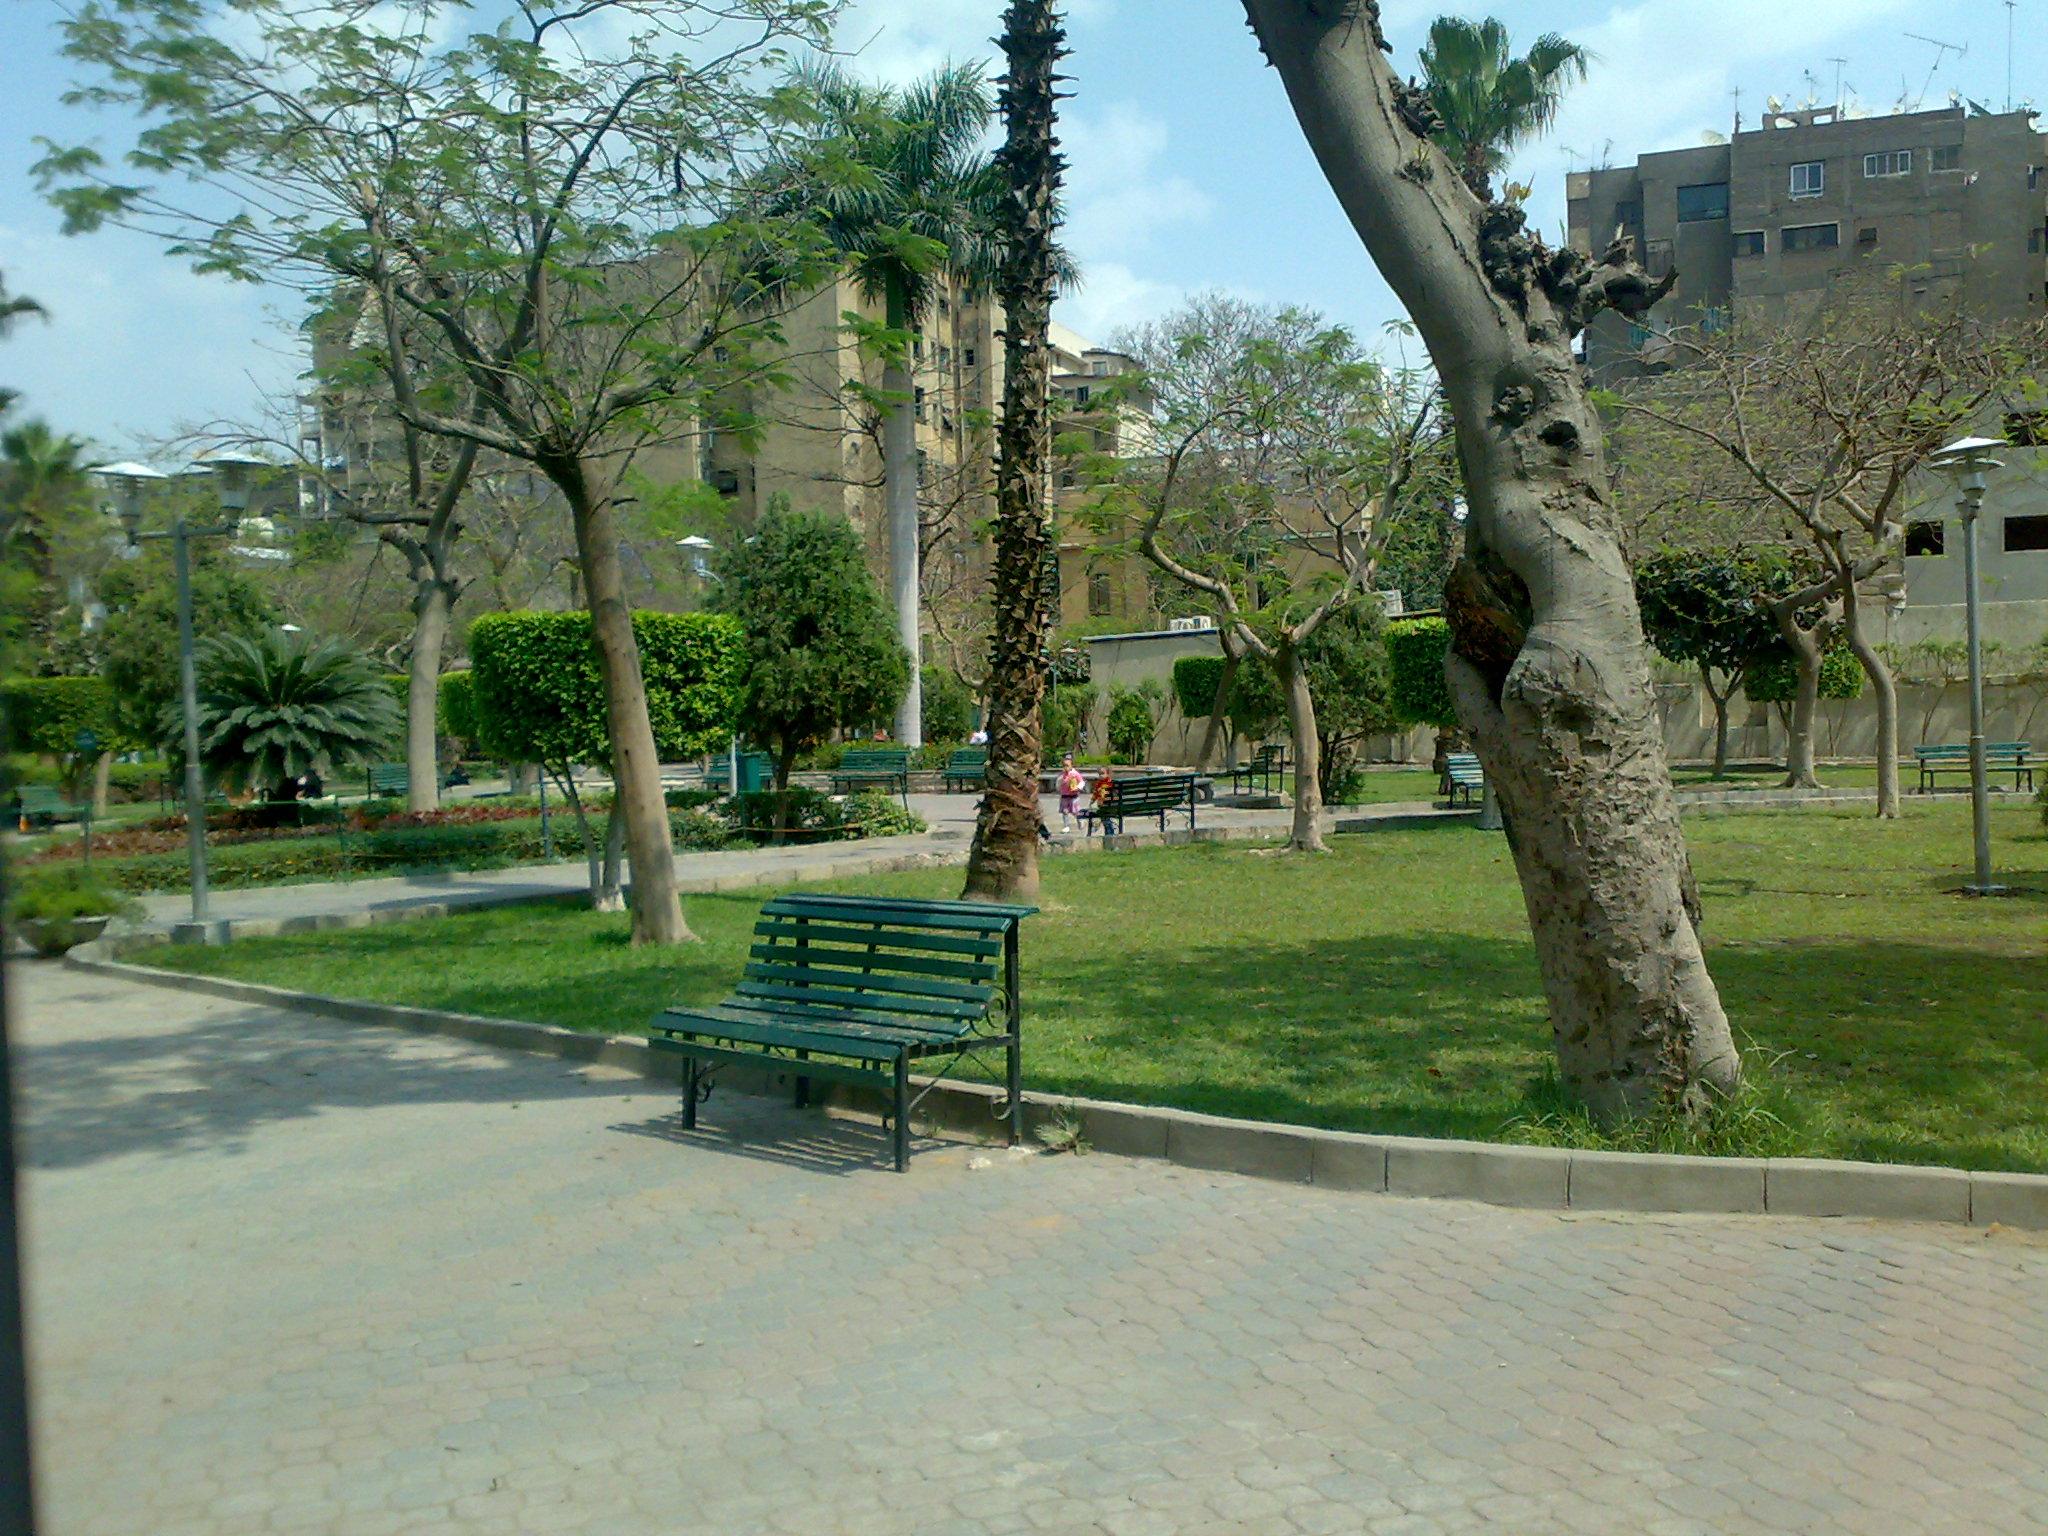 Dar Al Uloom Park